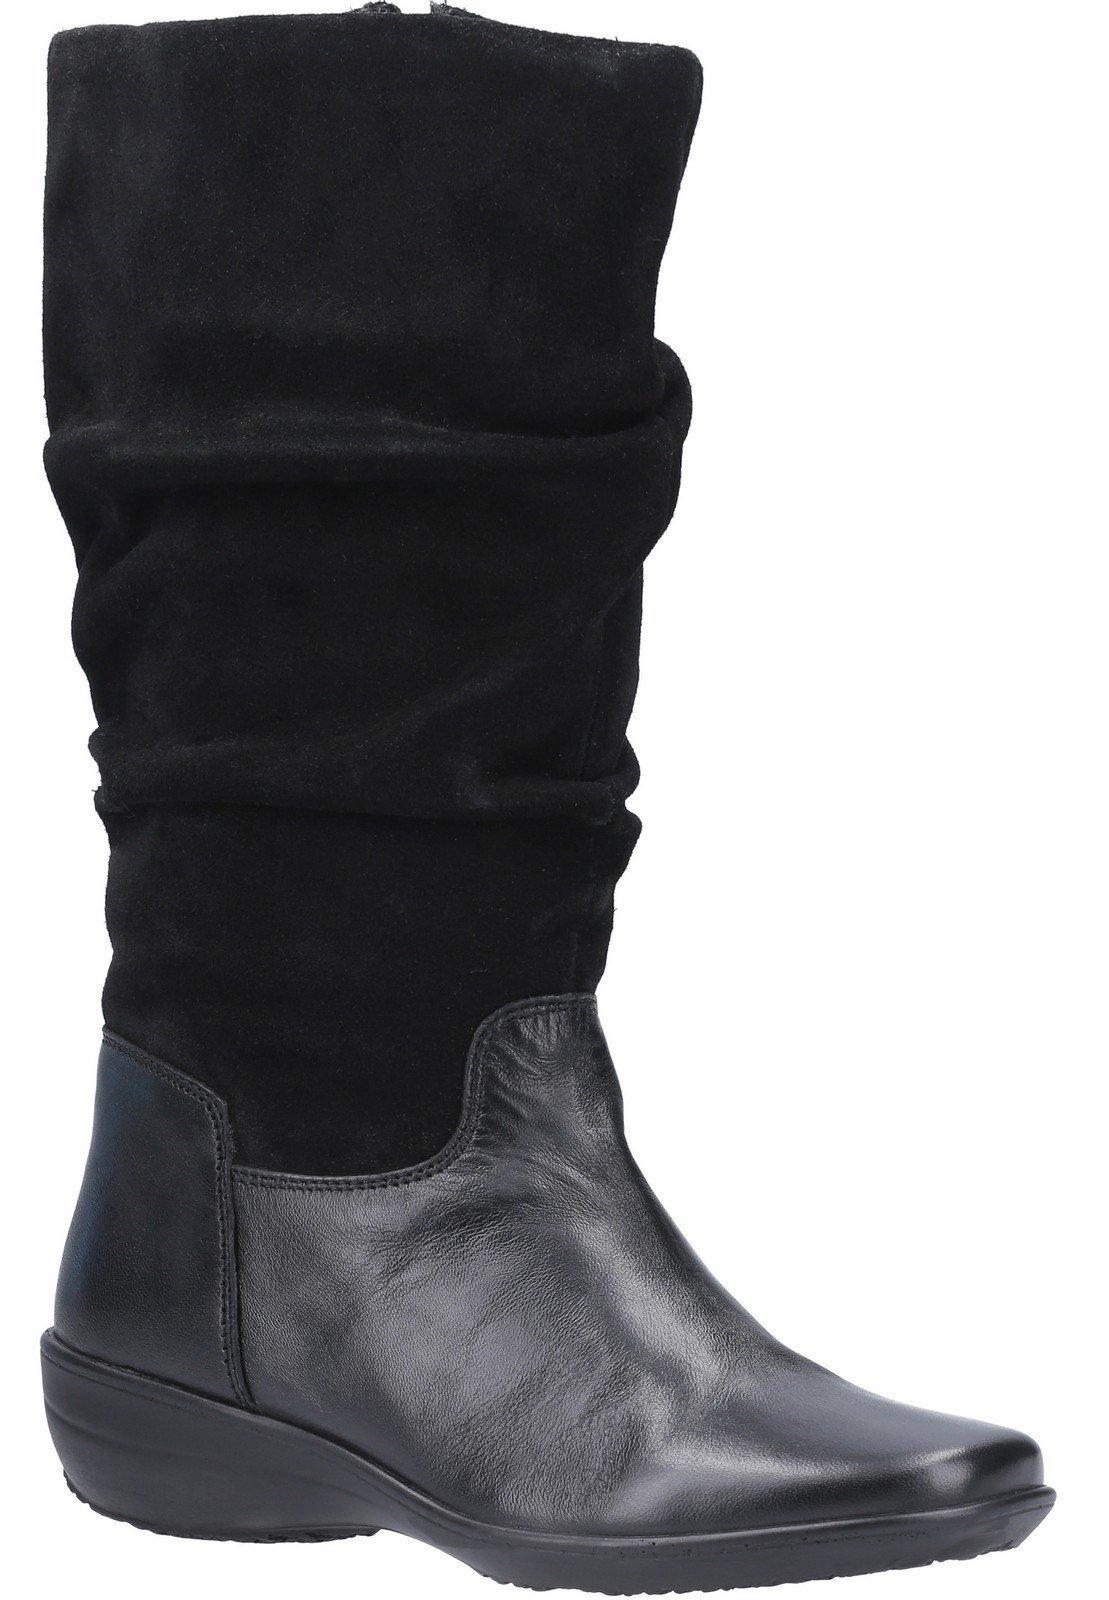 Fleet & Foster Women's Margot Zip Mid Boot Black 29291-49572 - Black 4